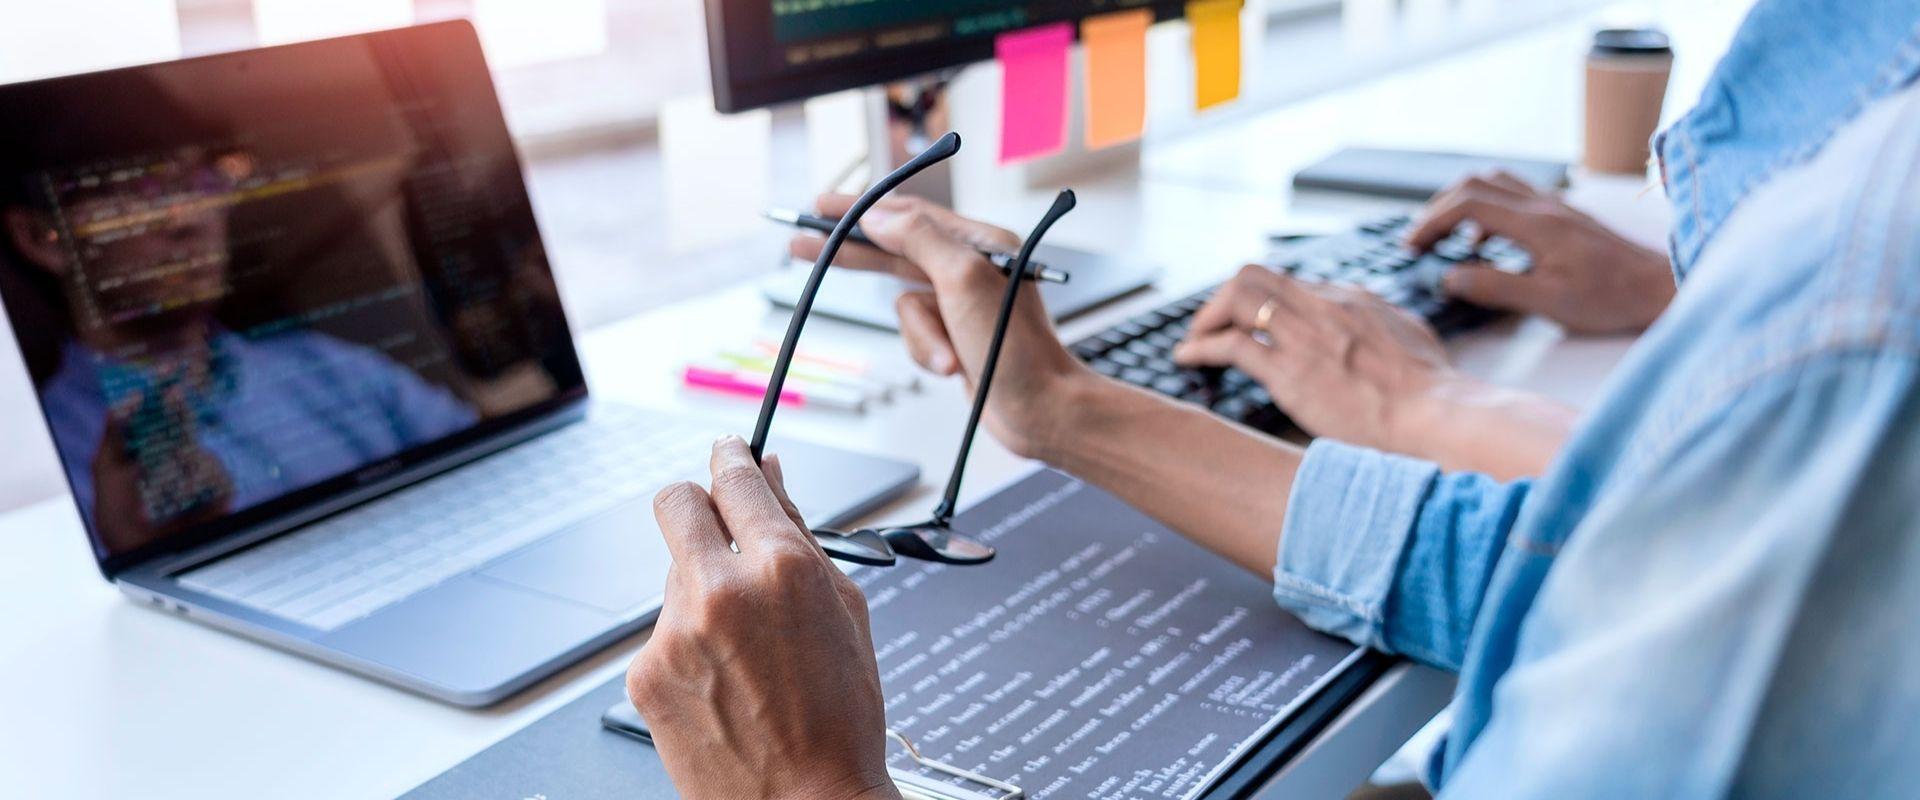 Teste A/B no desenvolvimento de software